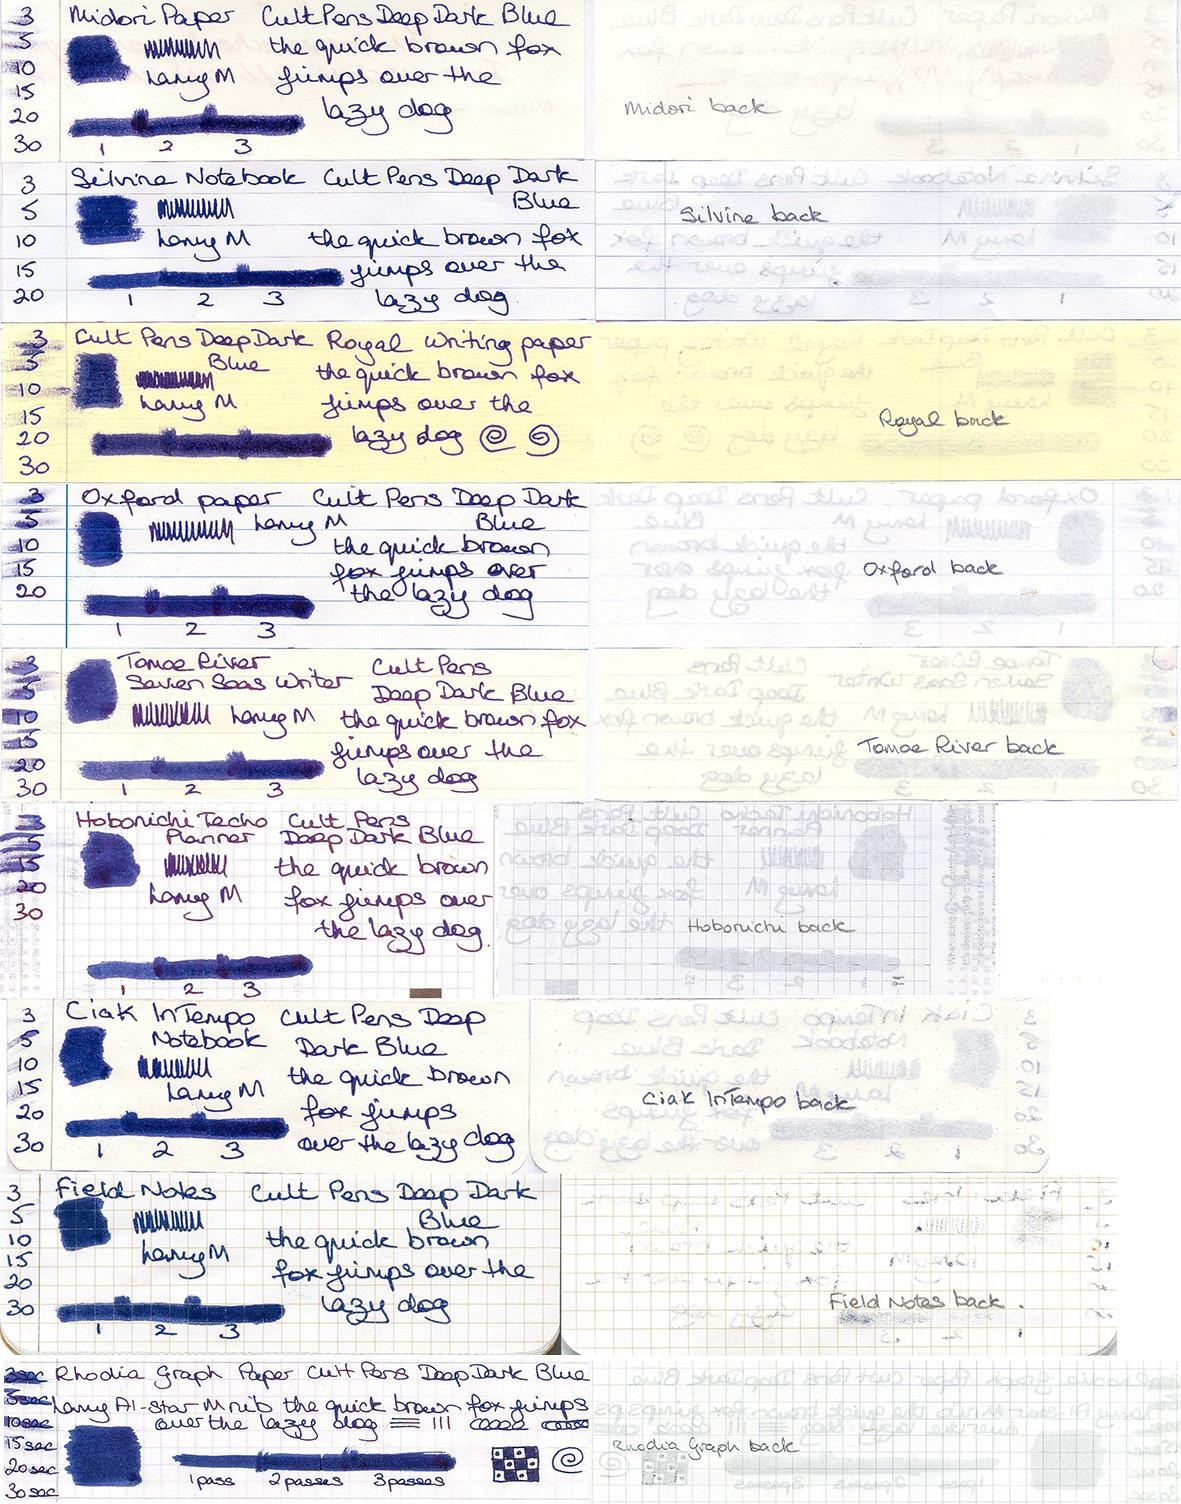 fpn_1519819887__cult_pens_deep_dark_blue